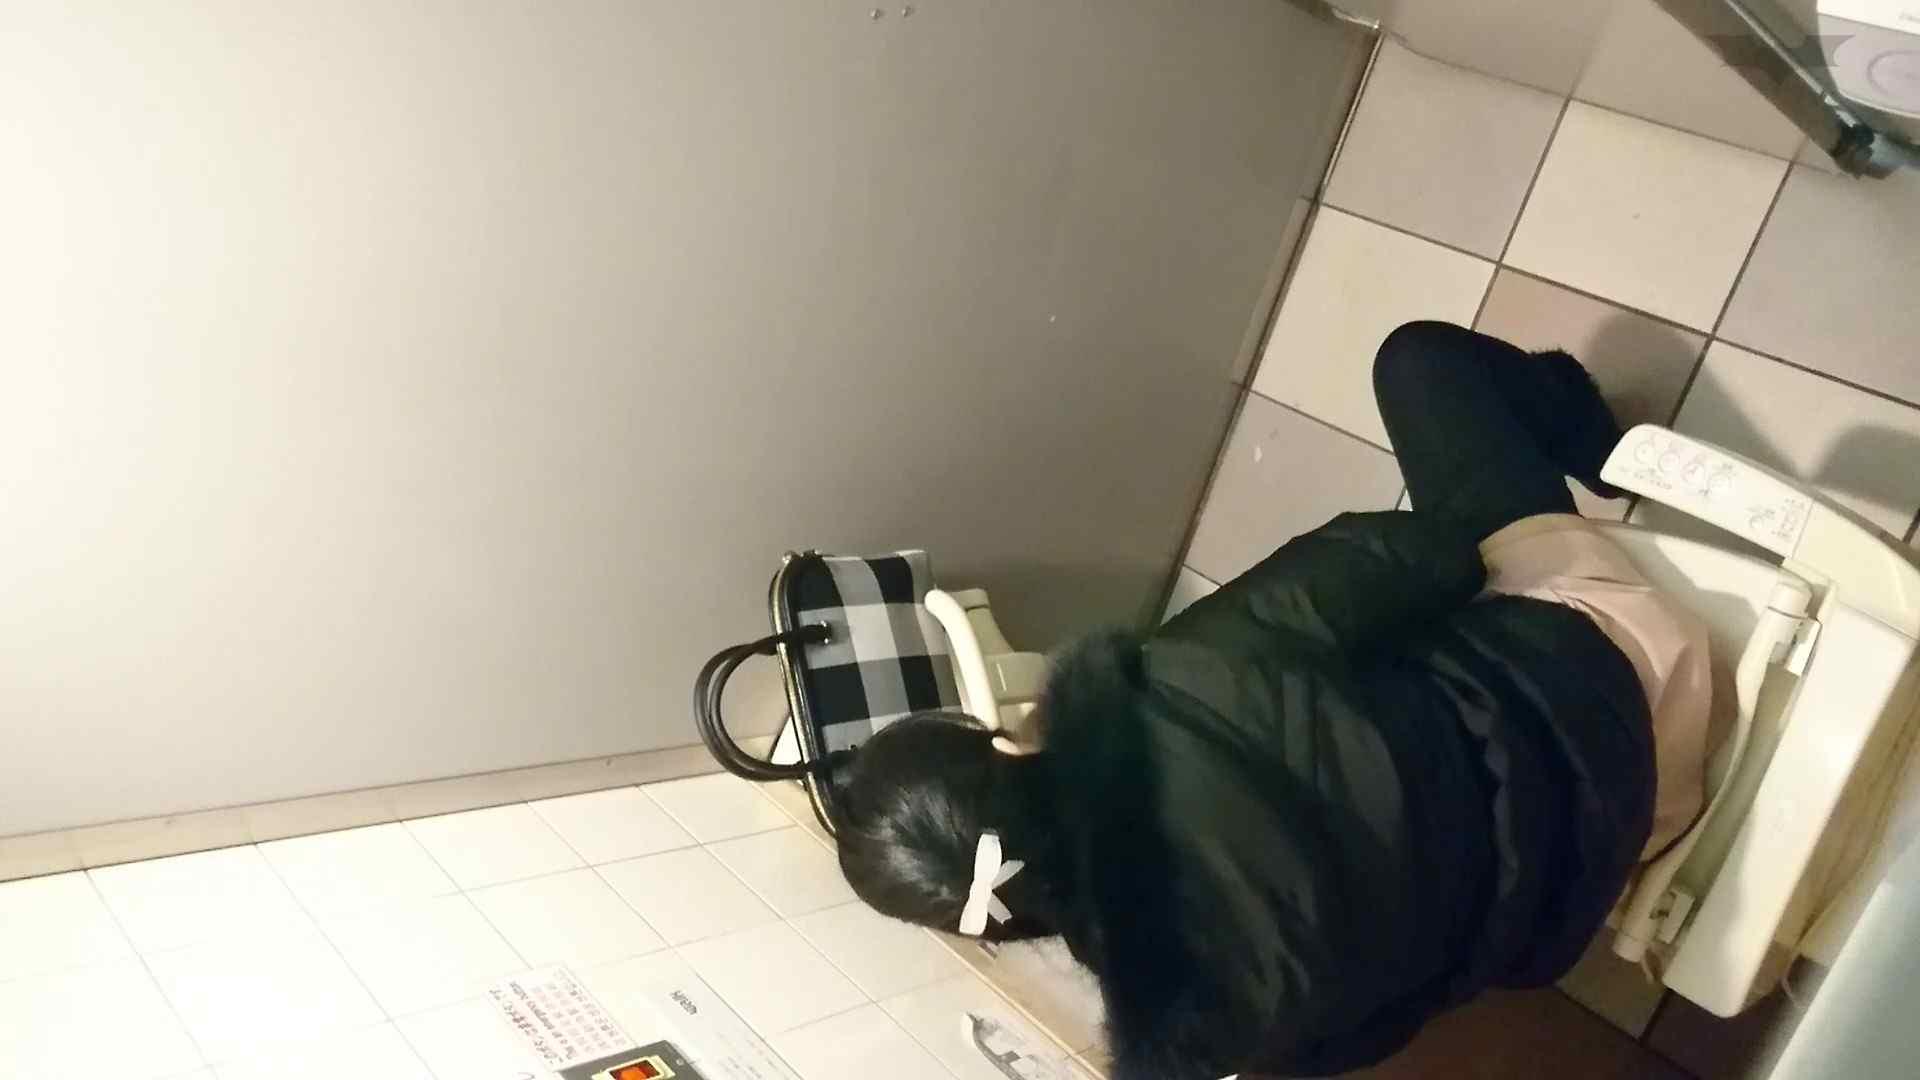 化粧室絵巻 ショッピングモール編 VOL.05 洗面所 おまんこ動画流出 97画像 86